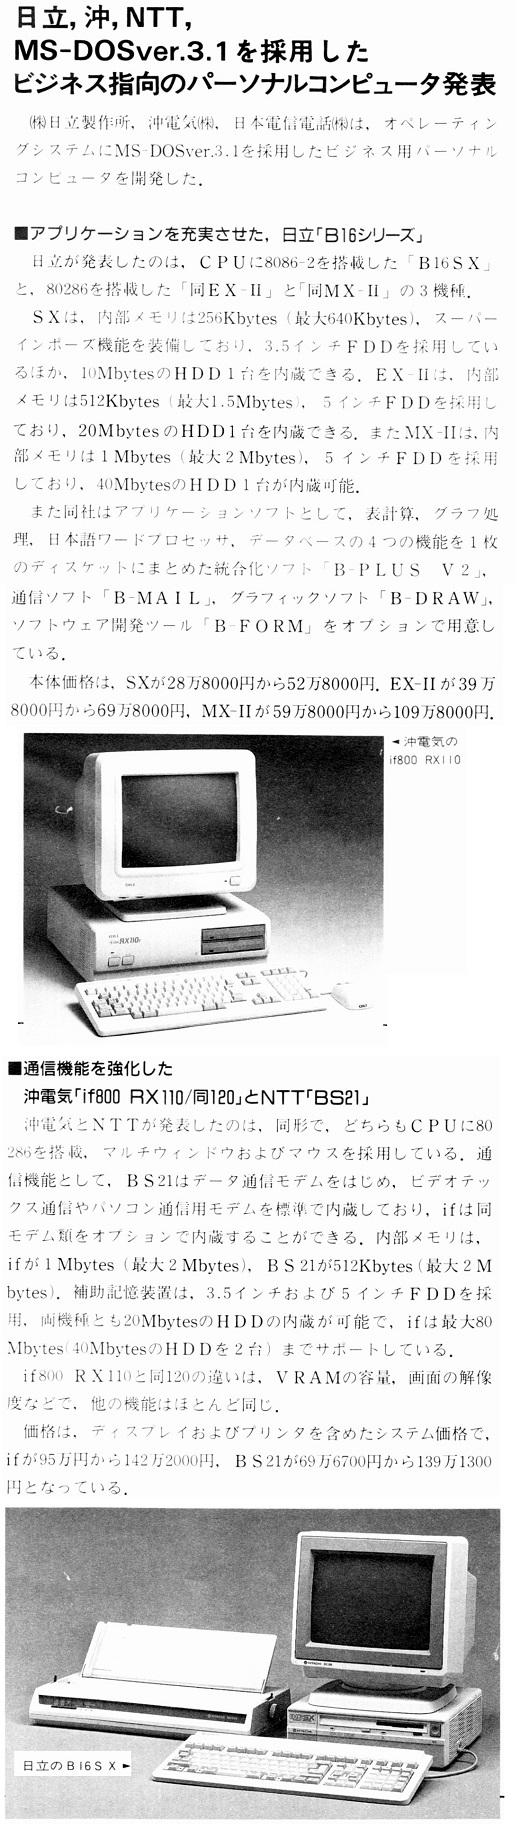 ASCII1986(07)b08_日立沖NTTパソコンW520.jpg